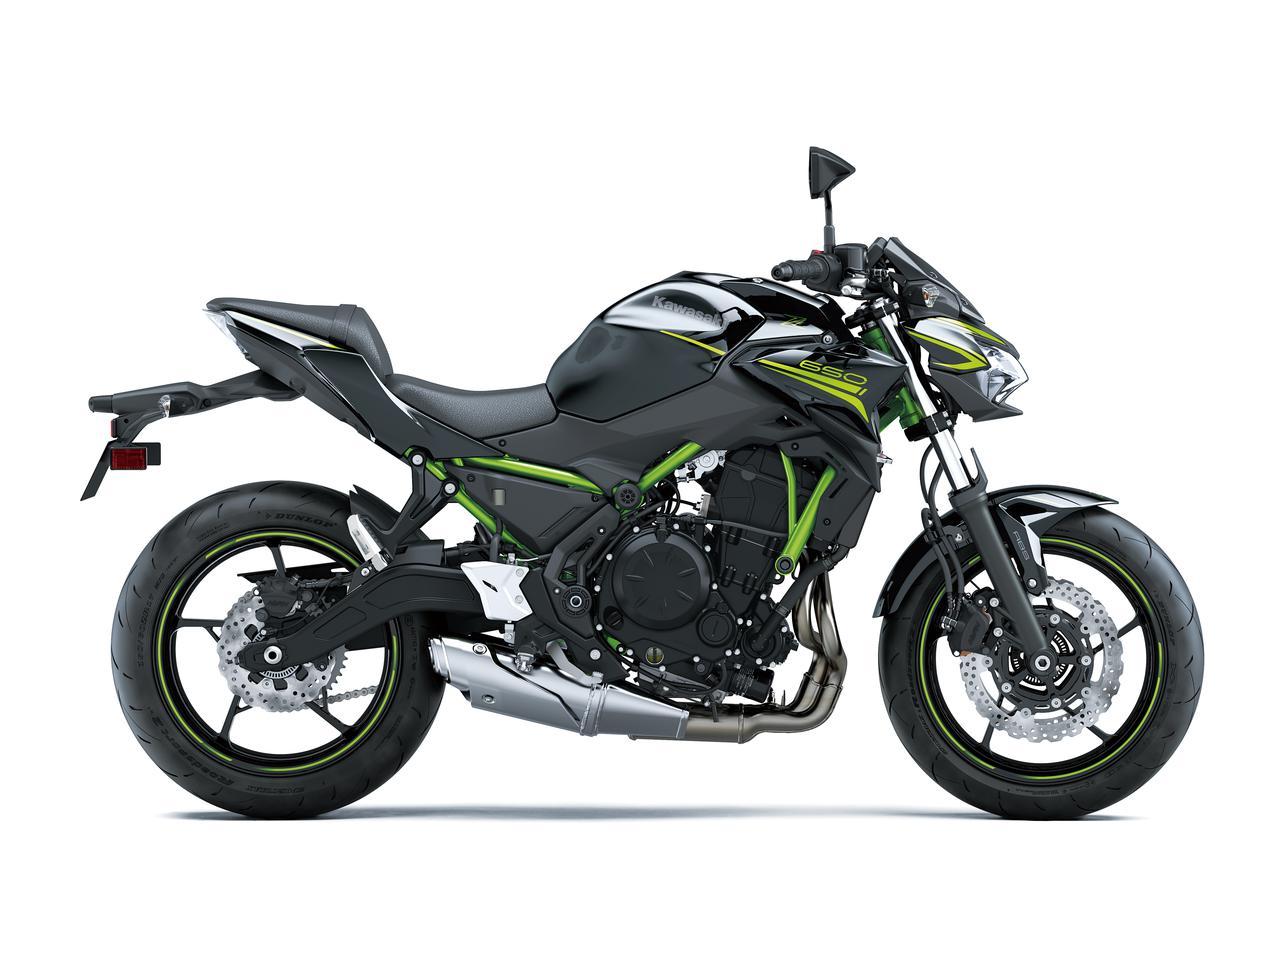 画像21: カワサキの新型「Z900」「Z650」は、デザインを「Z H2」のイメージに!? スタイリング紹介の第一報【EICMA 2019速報】